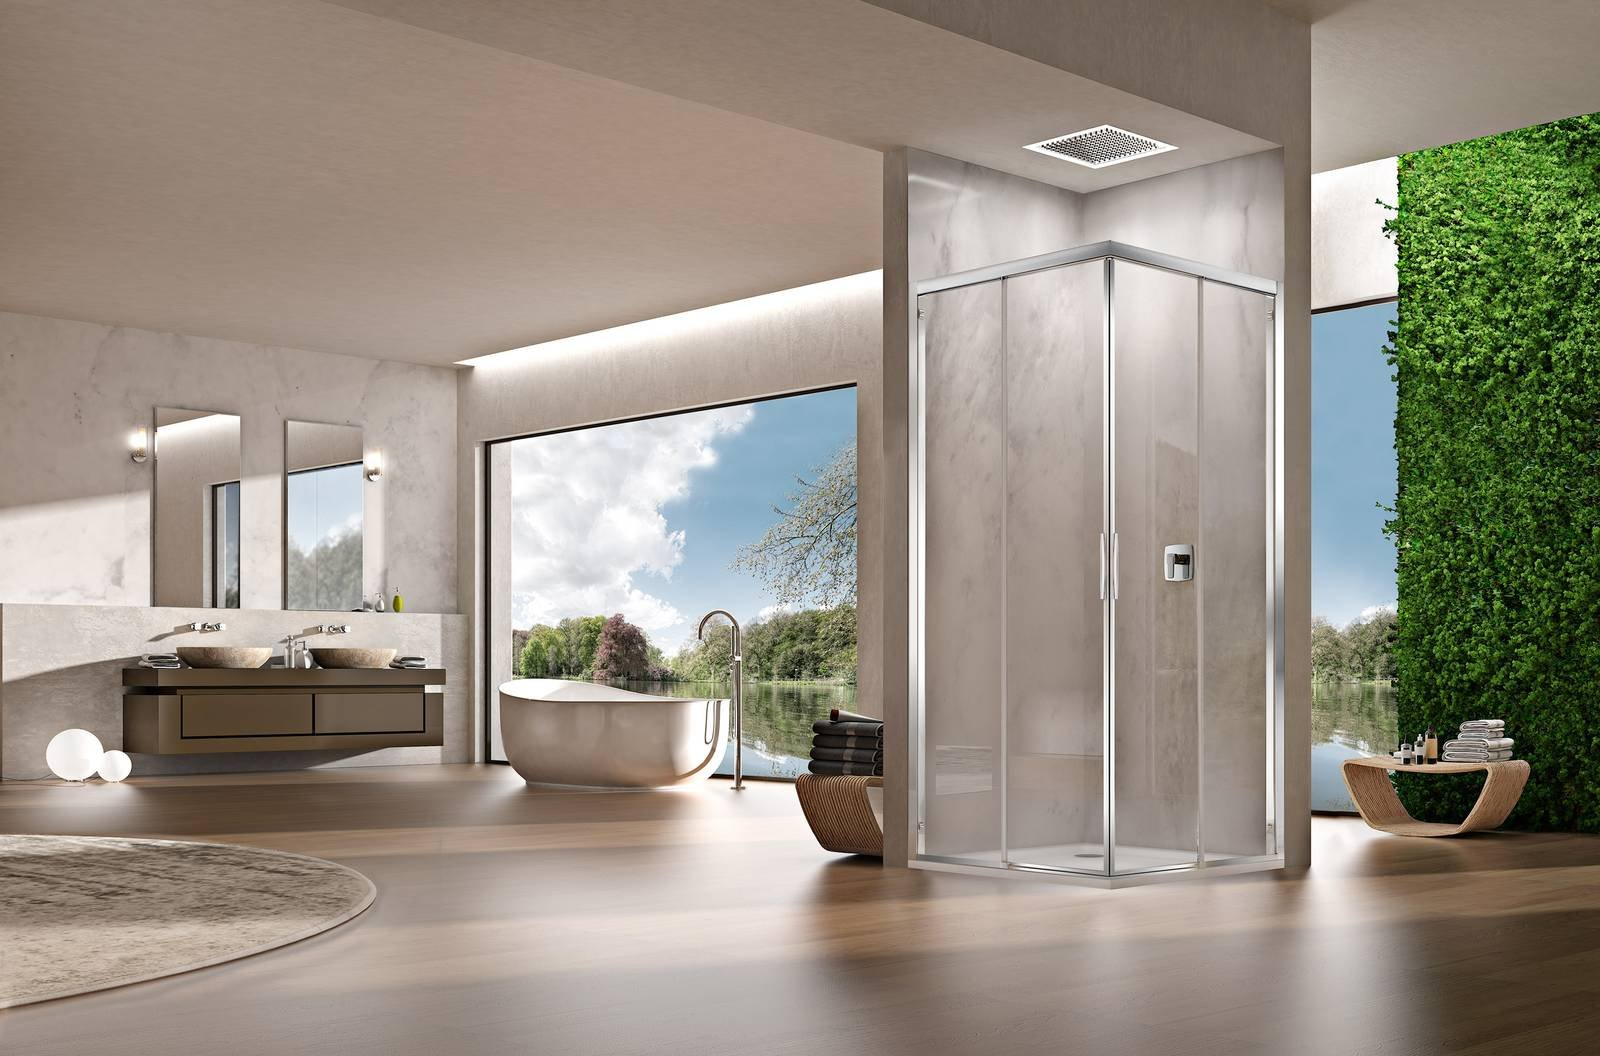 Lavabo Cabina Estetica : Estetica solarium case negozi e appartamenti in vendita a